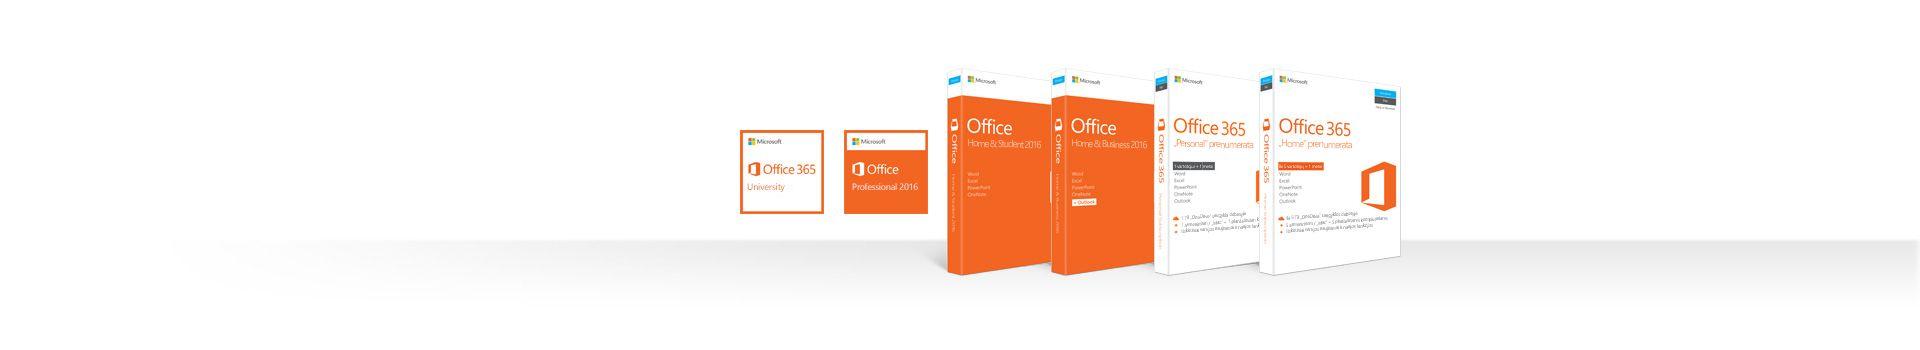 """""""Office 2016"""" ir """"Office 365"""" produktų asmeniniam kompiuteriui dėžių eilės paveikslėlis"""